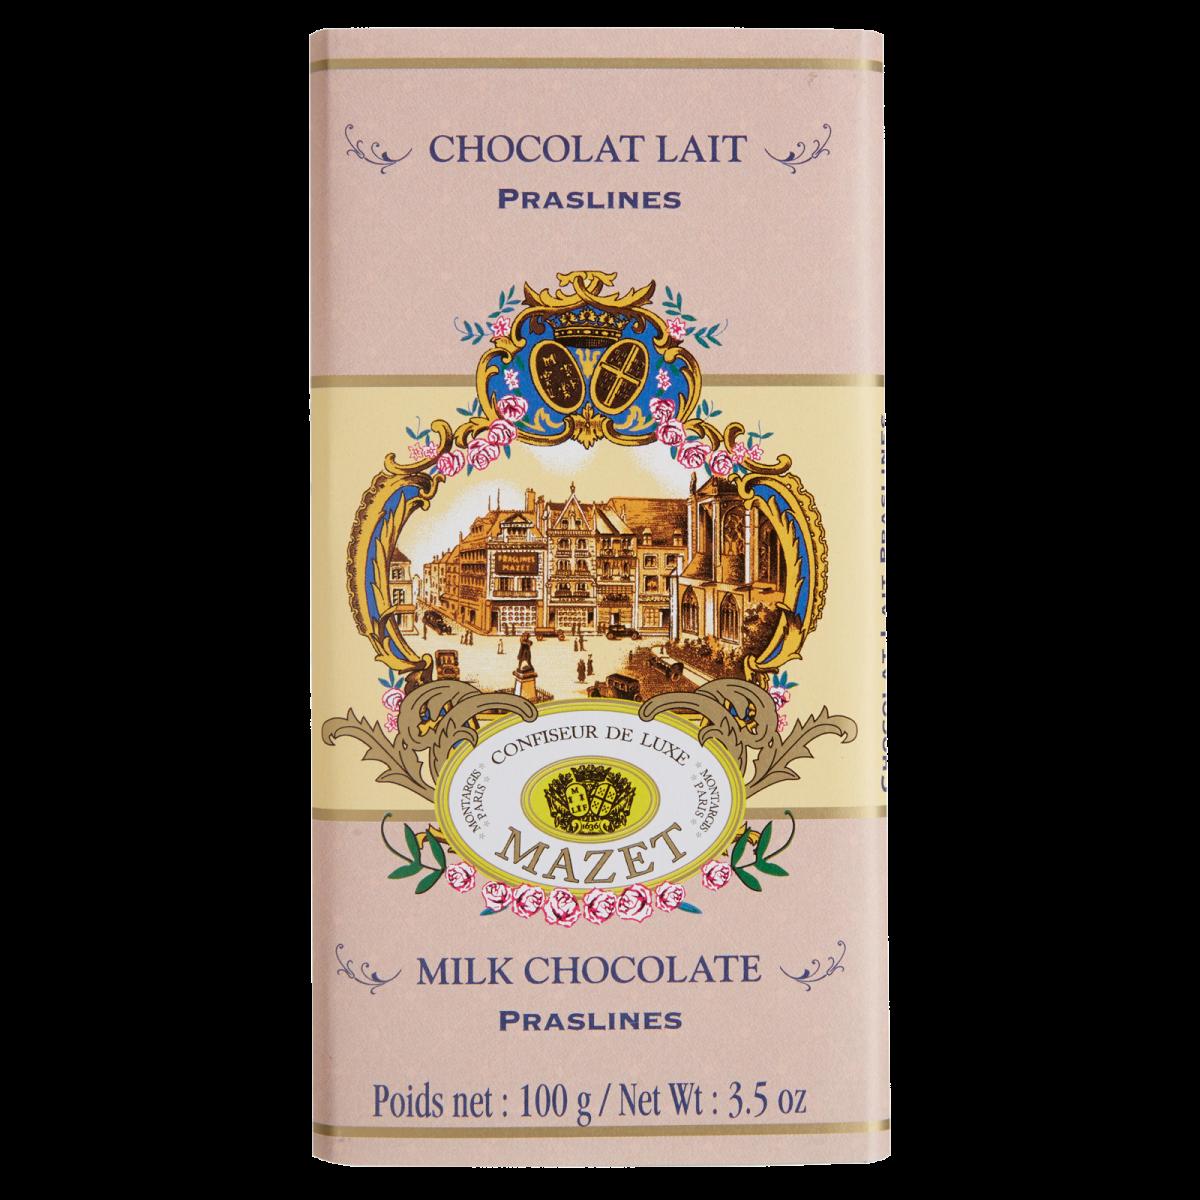 Tablettes de Chocolat - Tablette lait Praslines (pralines)...